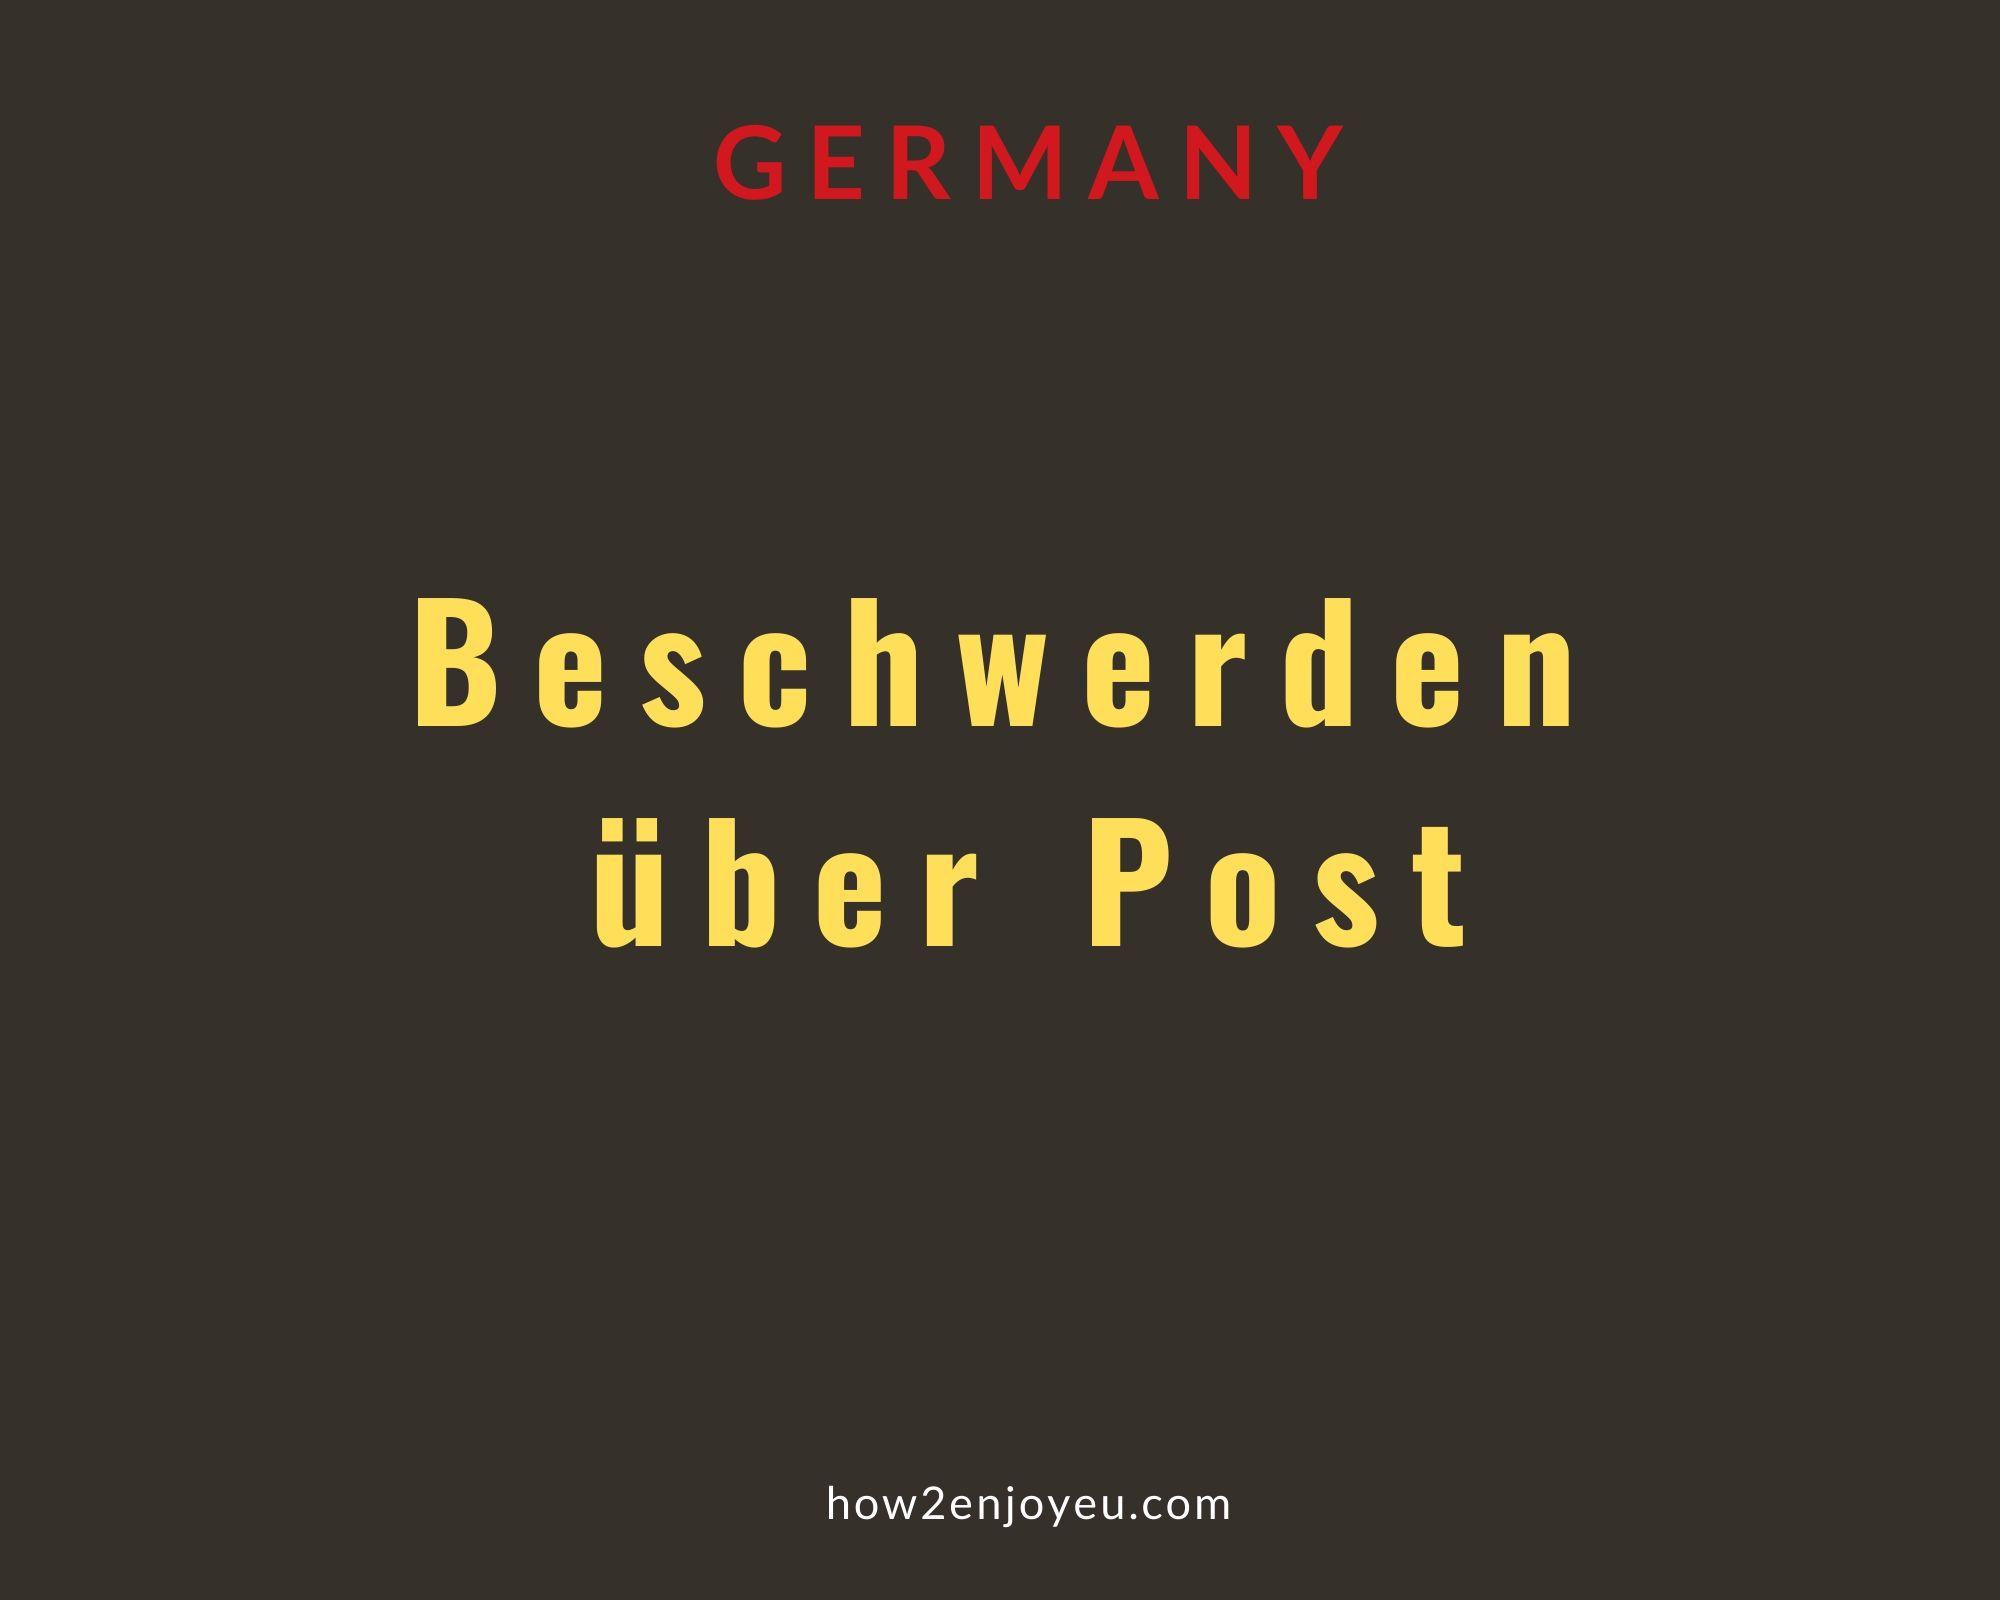 郵便や宅配への苦情が増加するドイツ